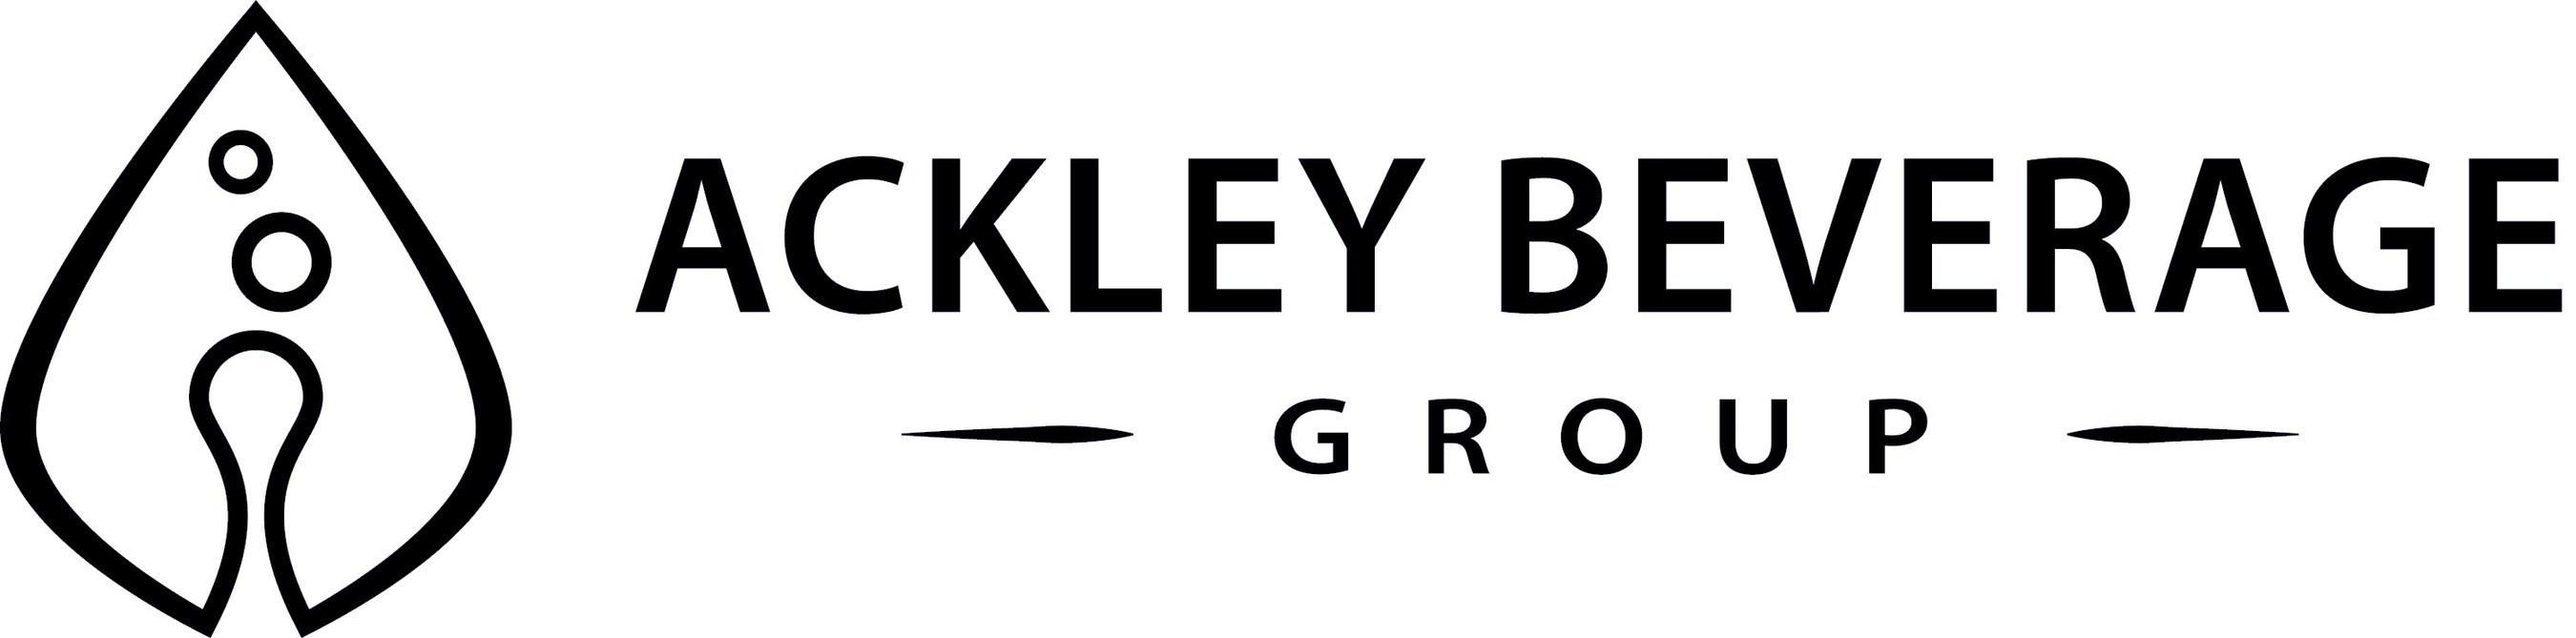 Ackley Beverage Group Logo